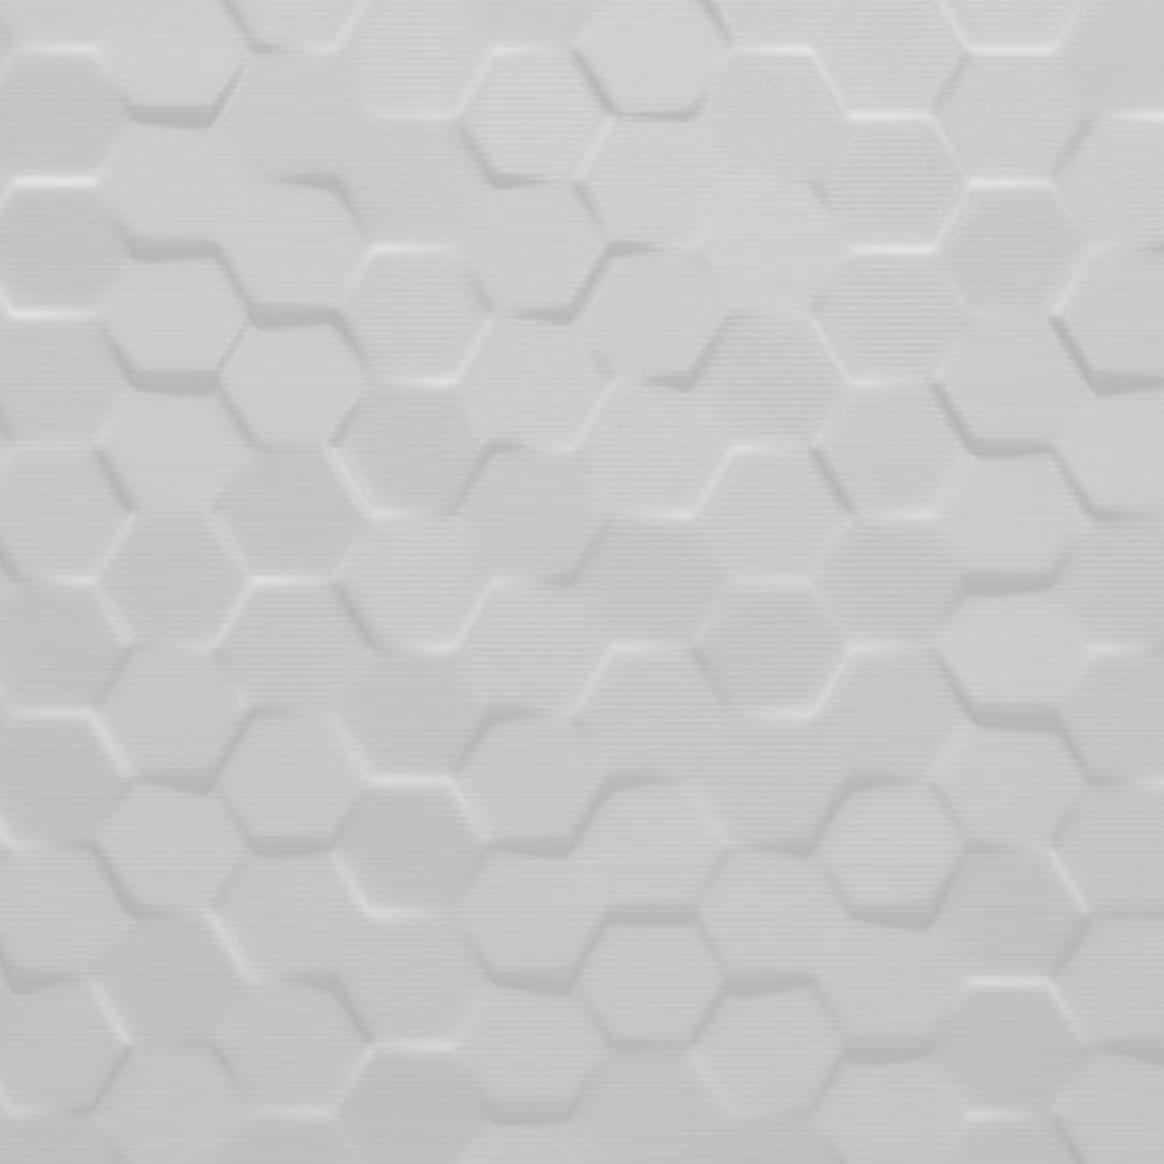 Multitude Urban Grey Hexagon